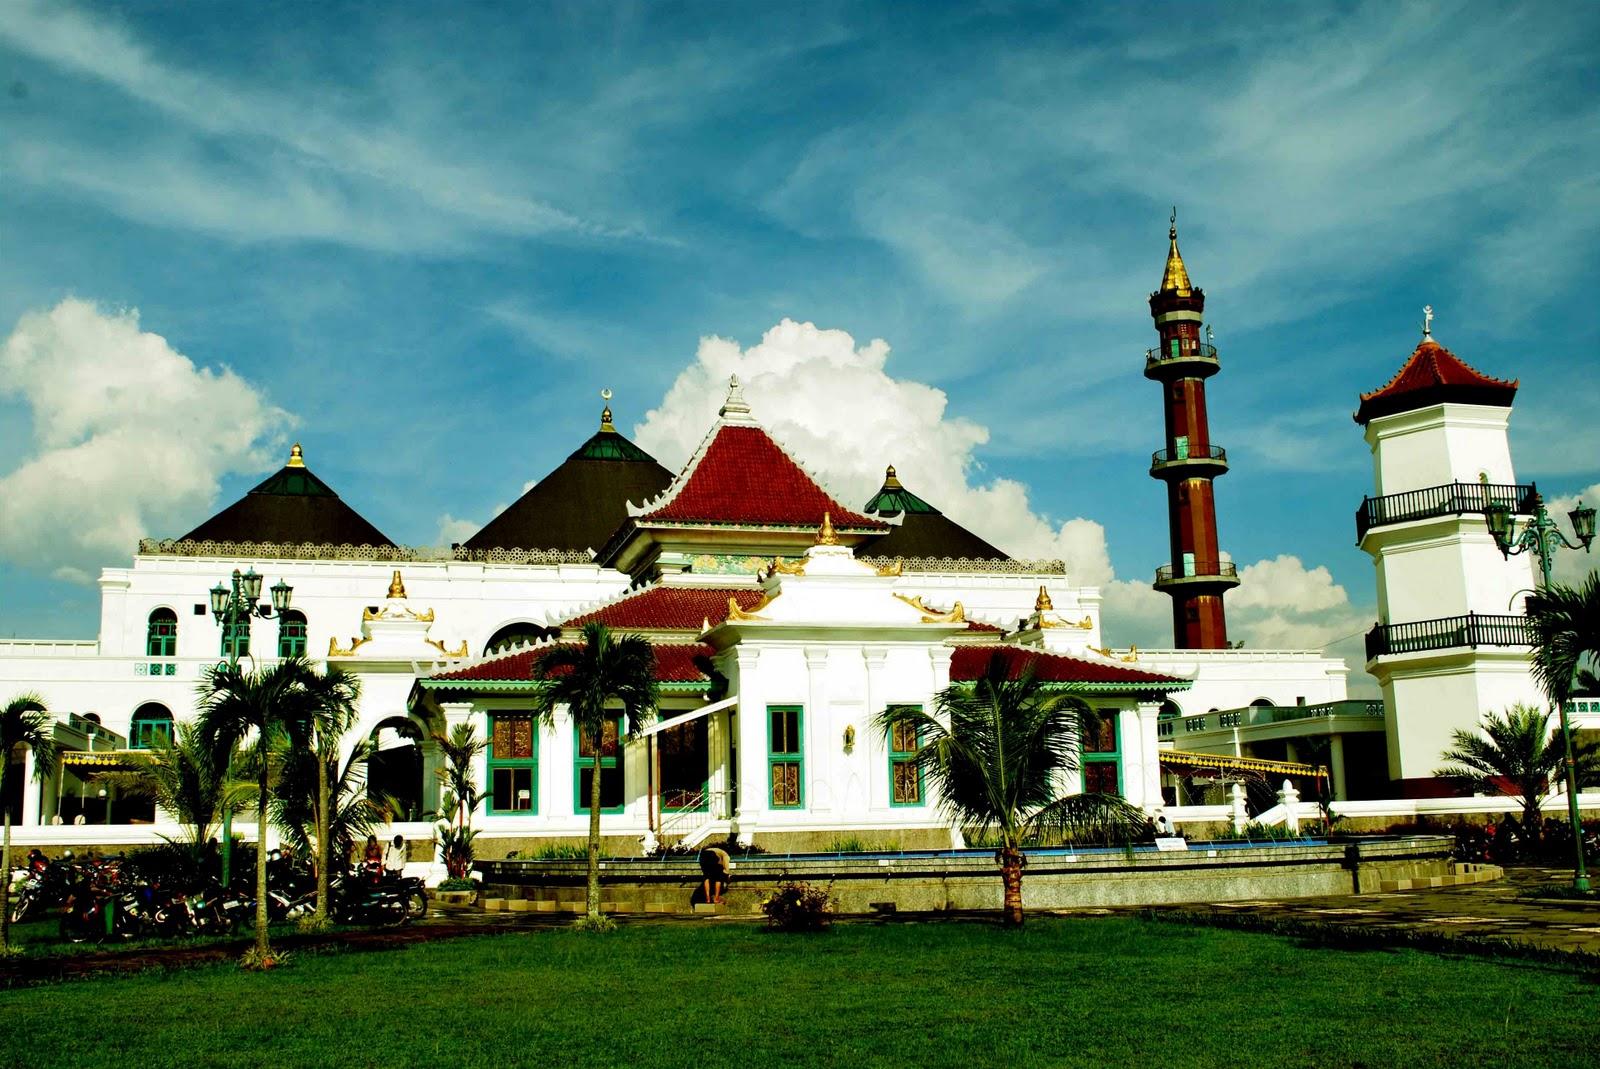 Kumpulan Contoh Gambar Sketsa Soekarno Dan Sutan Mahmud